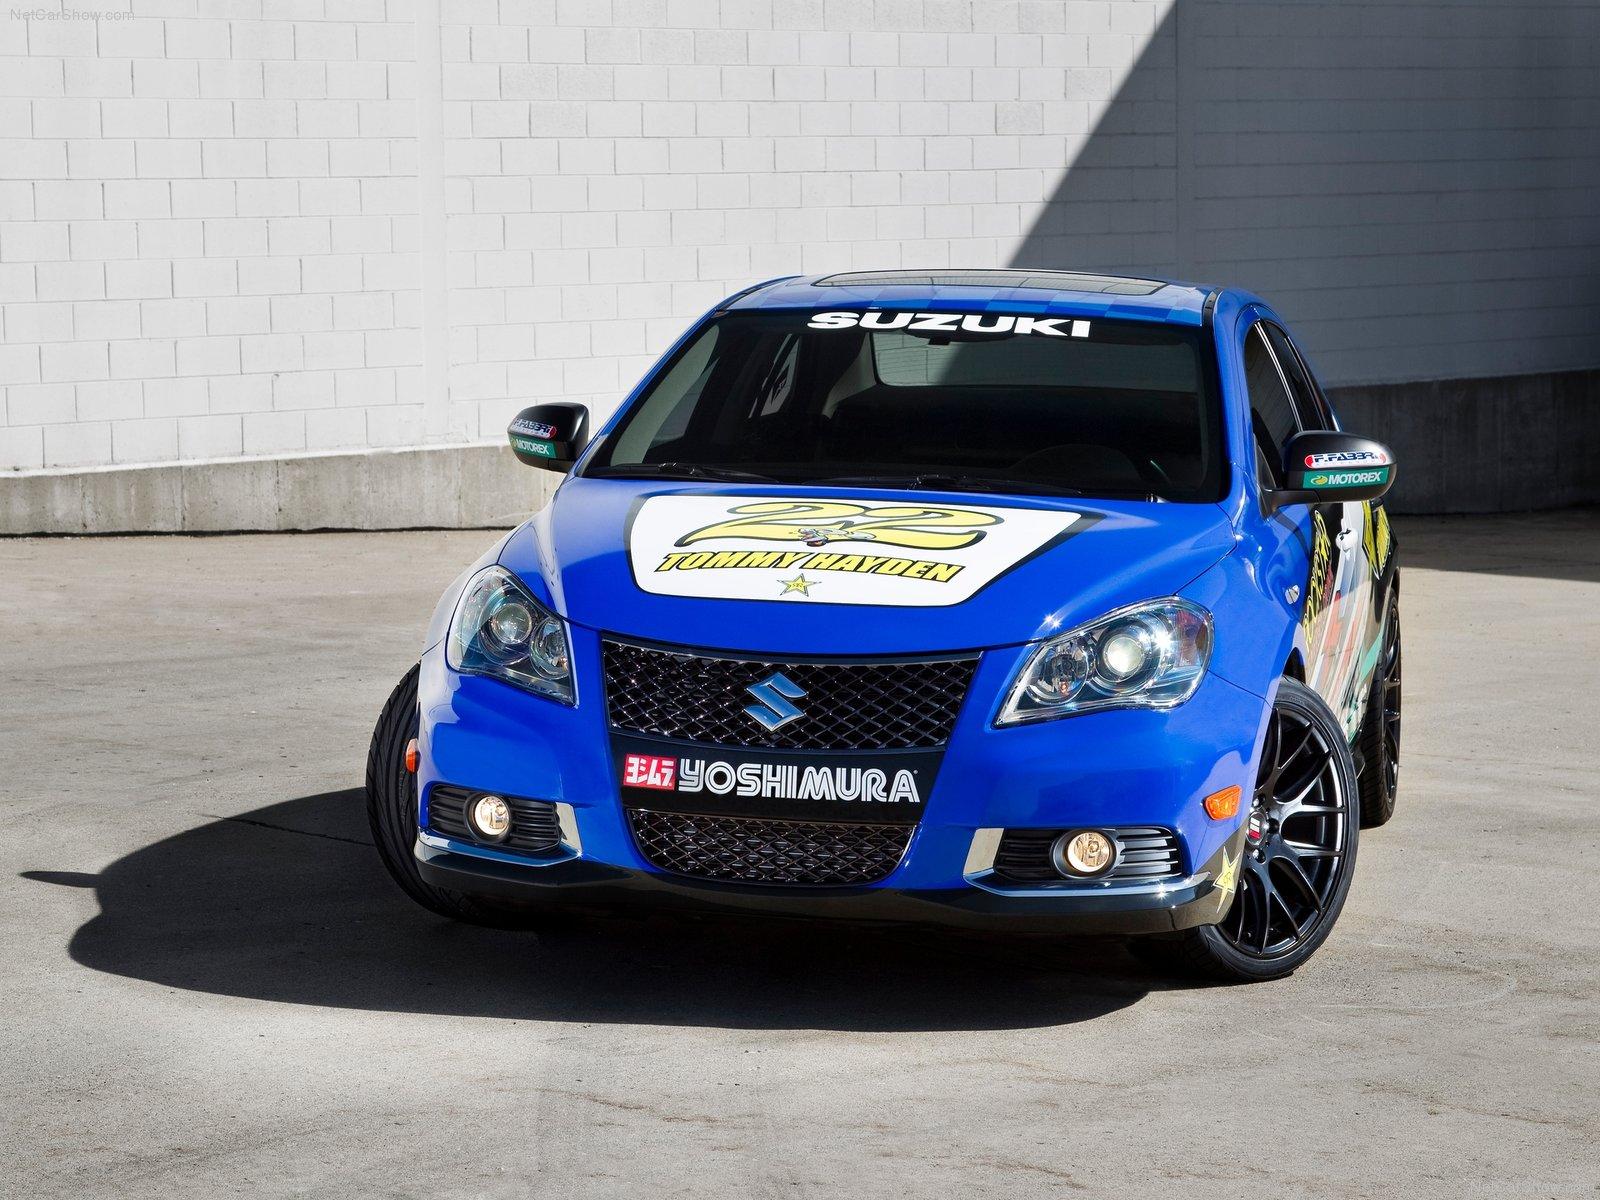 Hình ảnh xe ô tô Suzuki Kizashi Apex Concept 2011 & nội ngoại thất